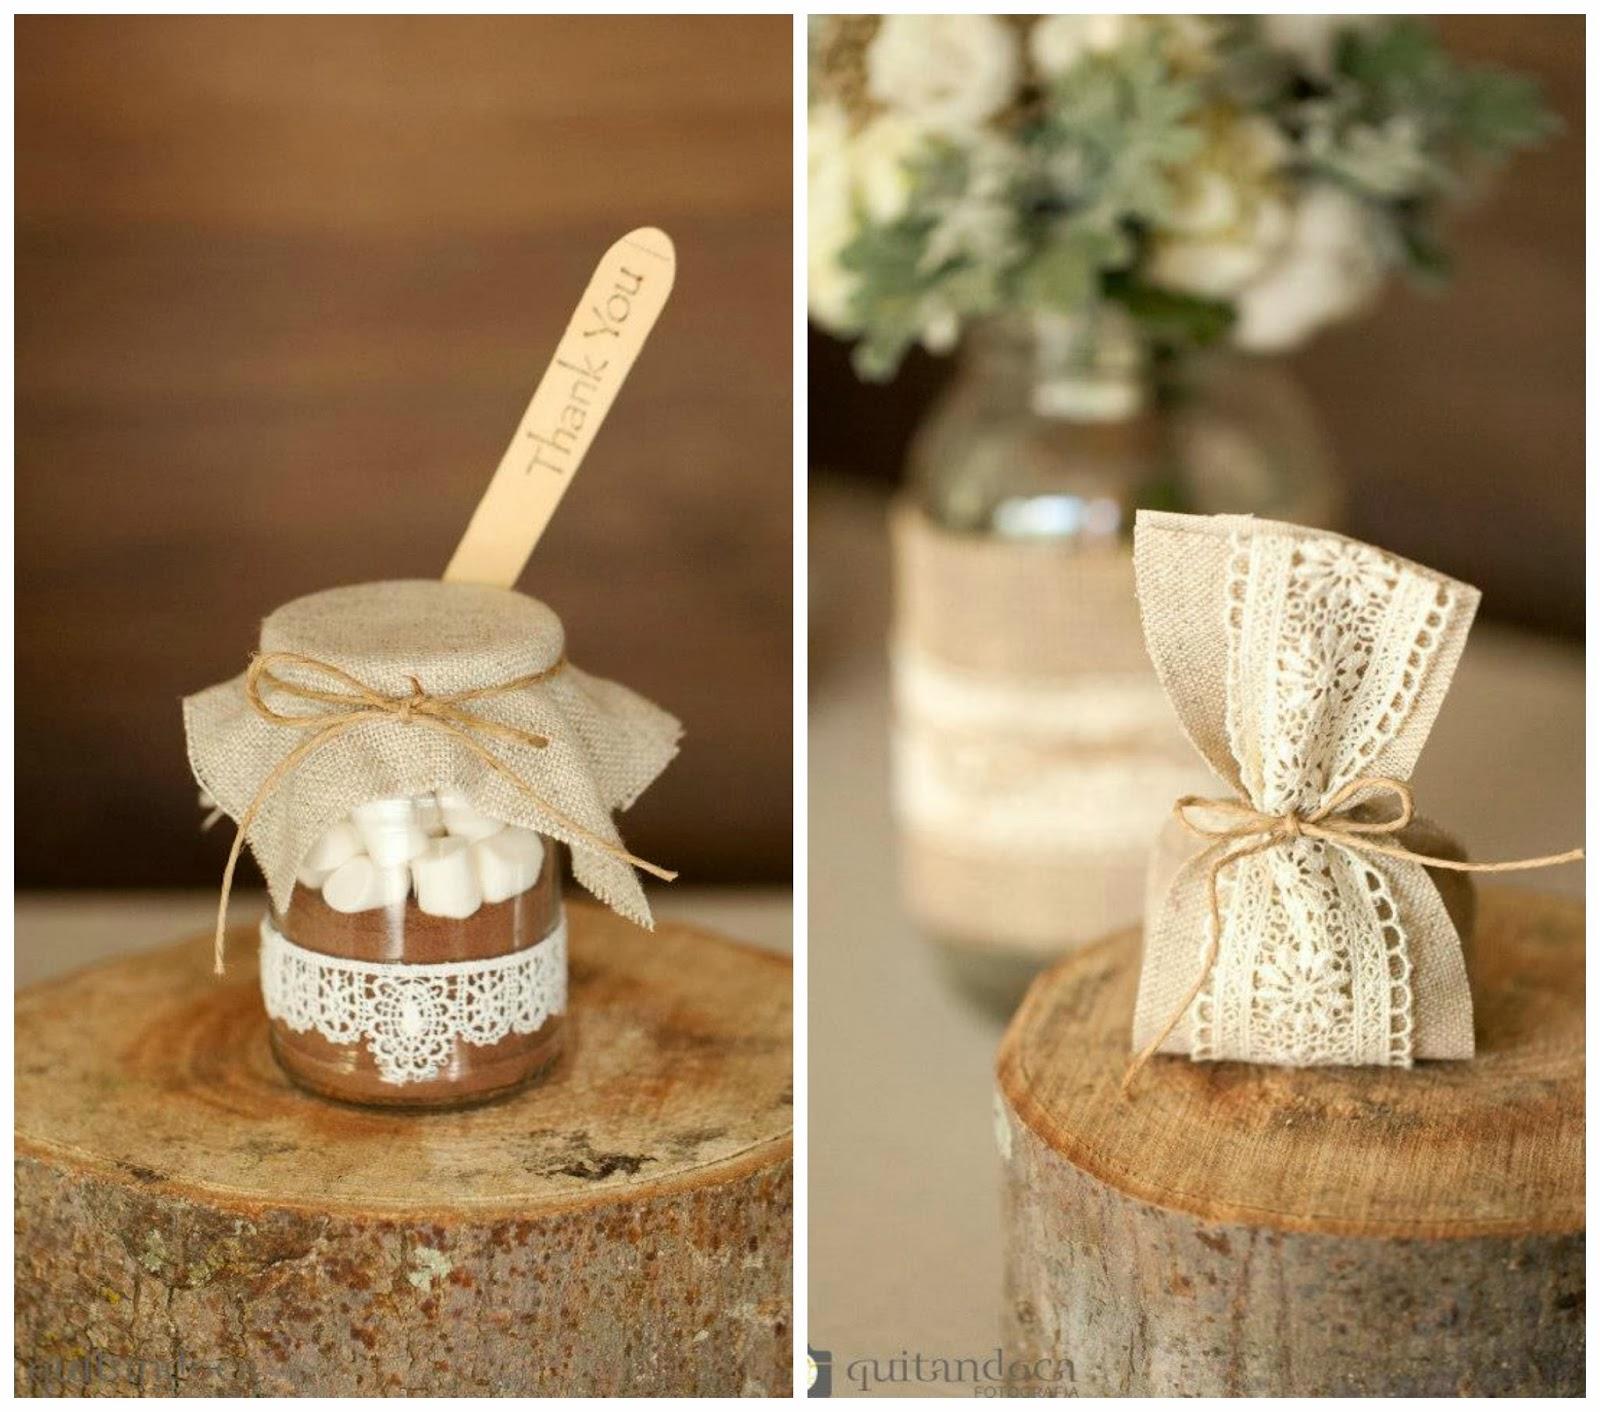 bodas-algodao-lembrancinhas-1